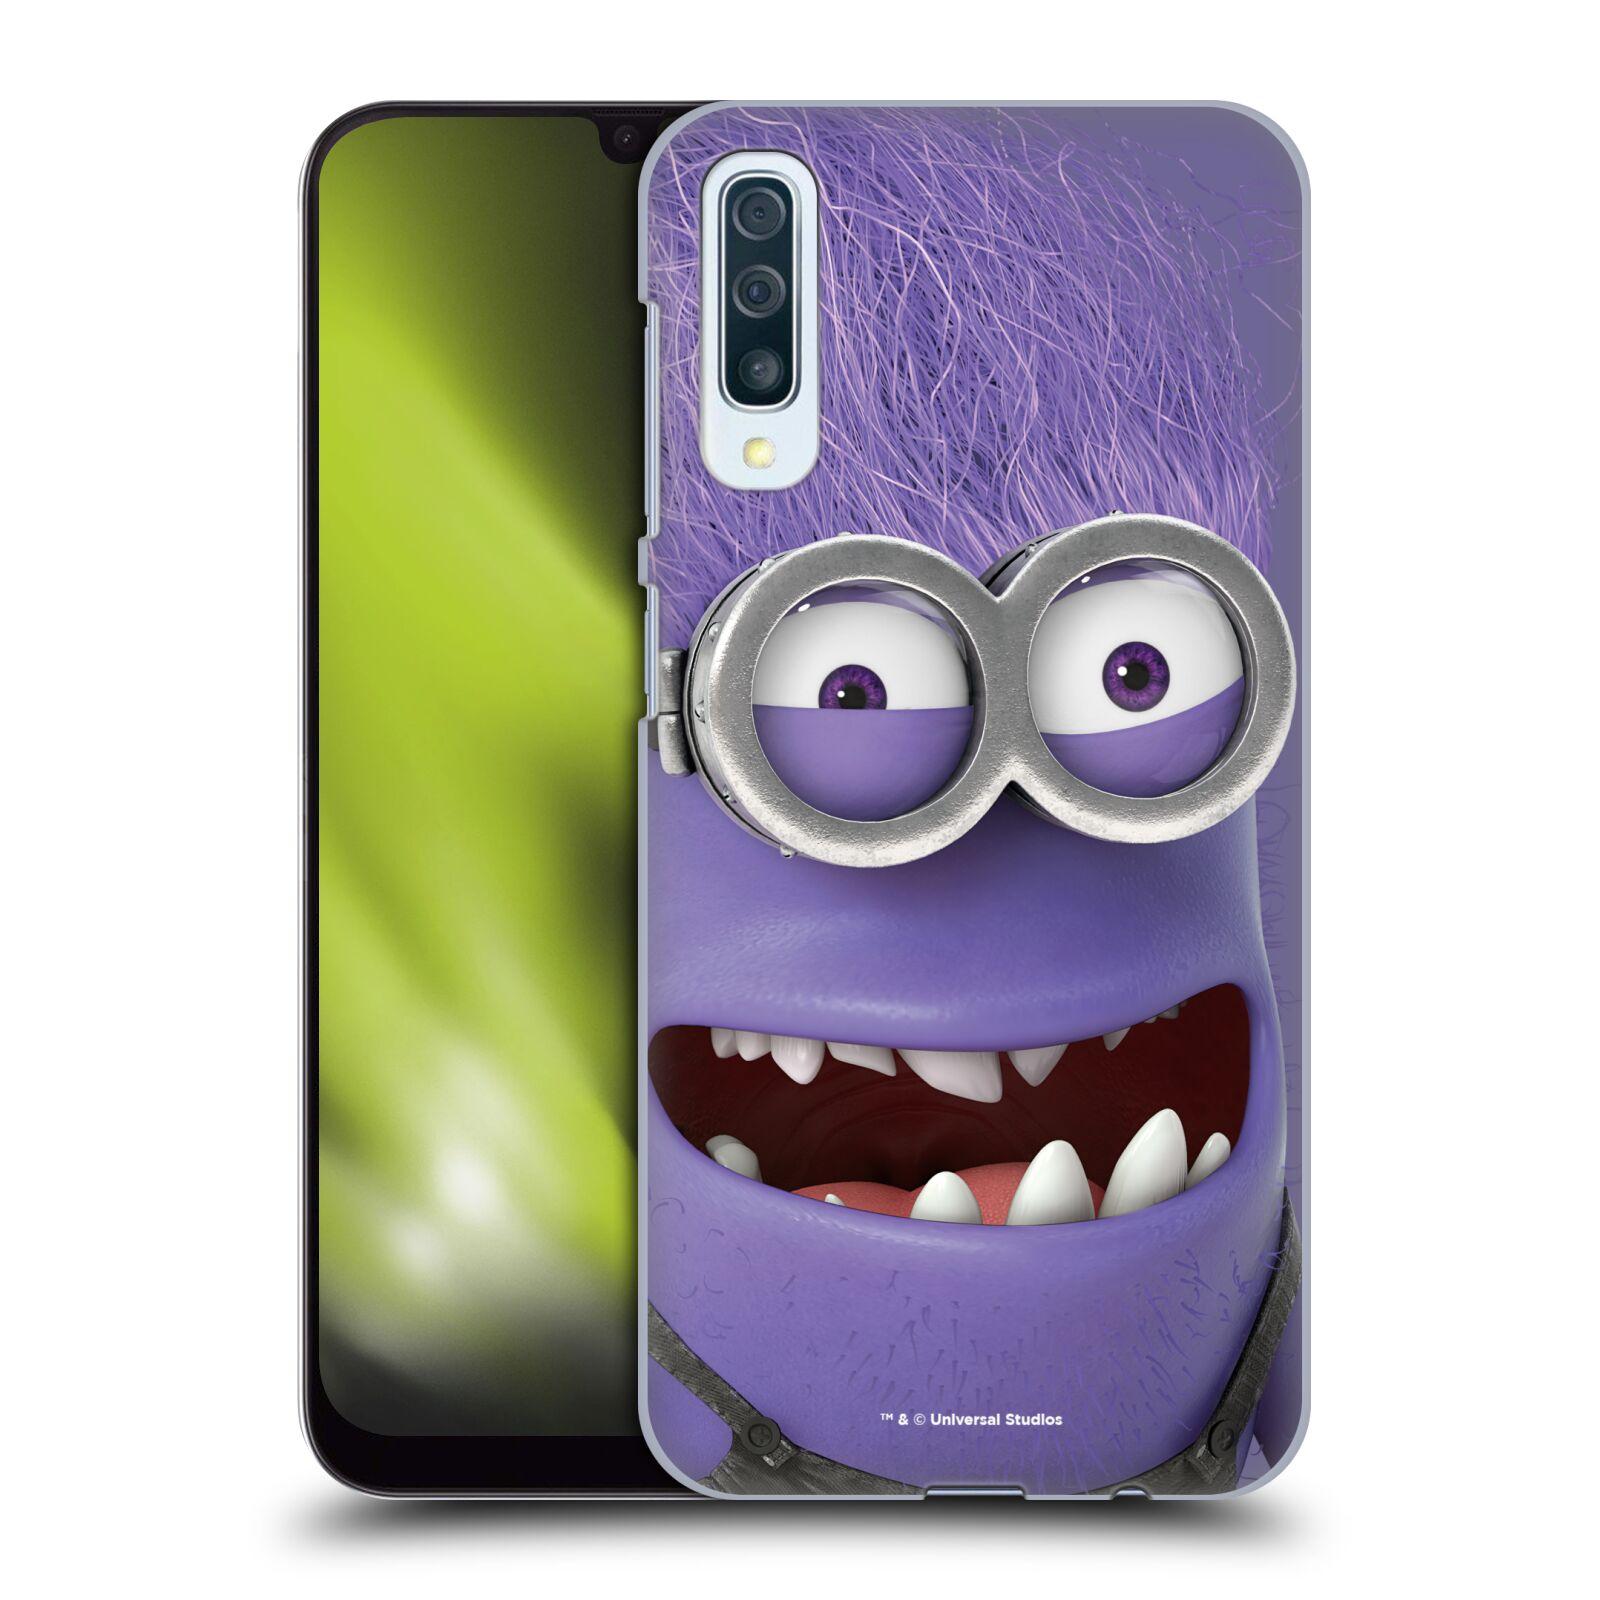 Plastové pouzdro na mobil Samsung Galaxy A50 - Head Case - Zlý Mimoň z filmu Já, padouch - Despicable Me